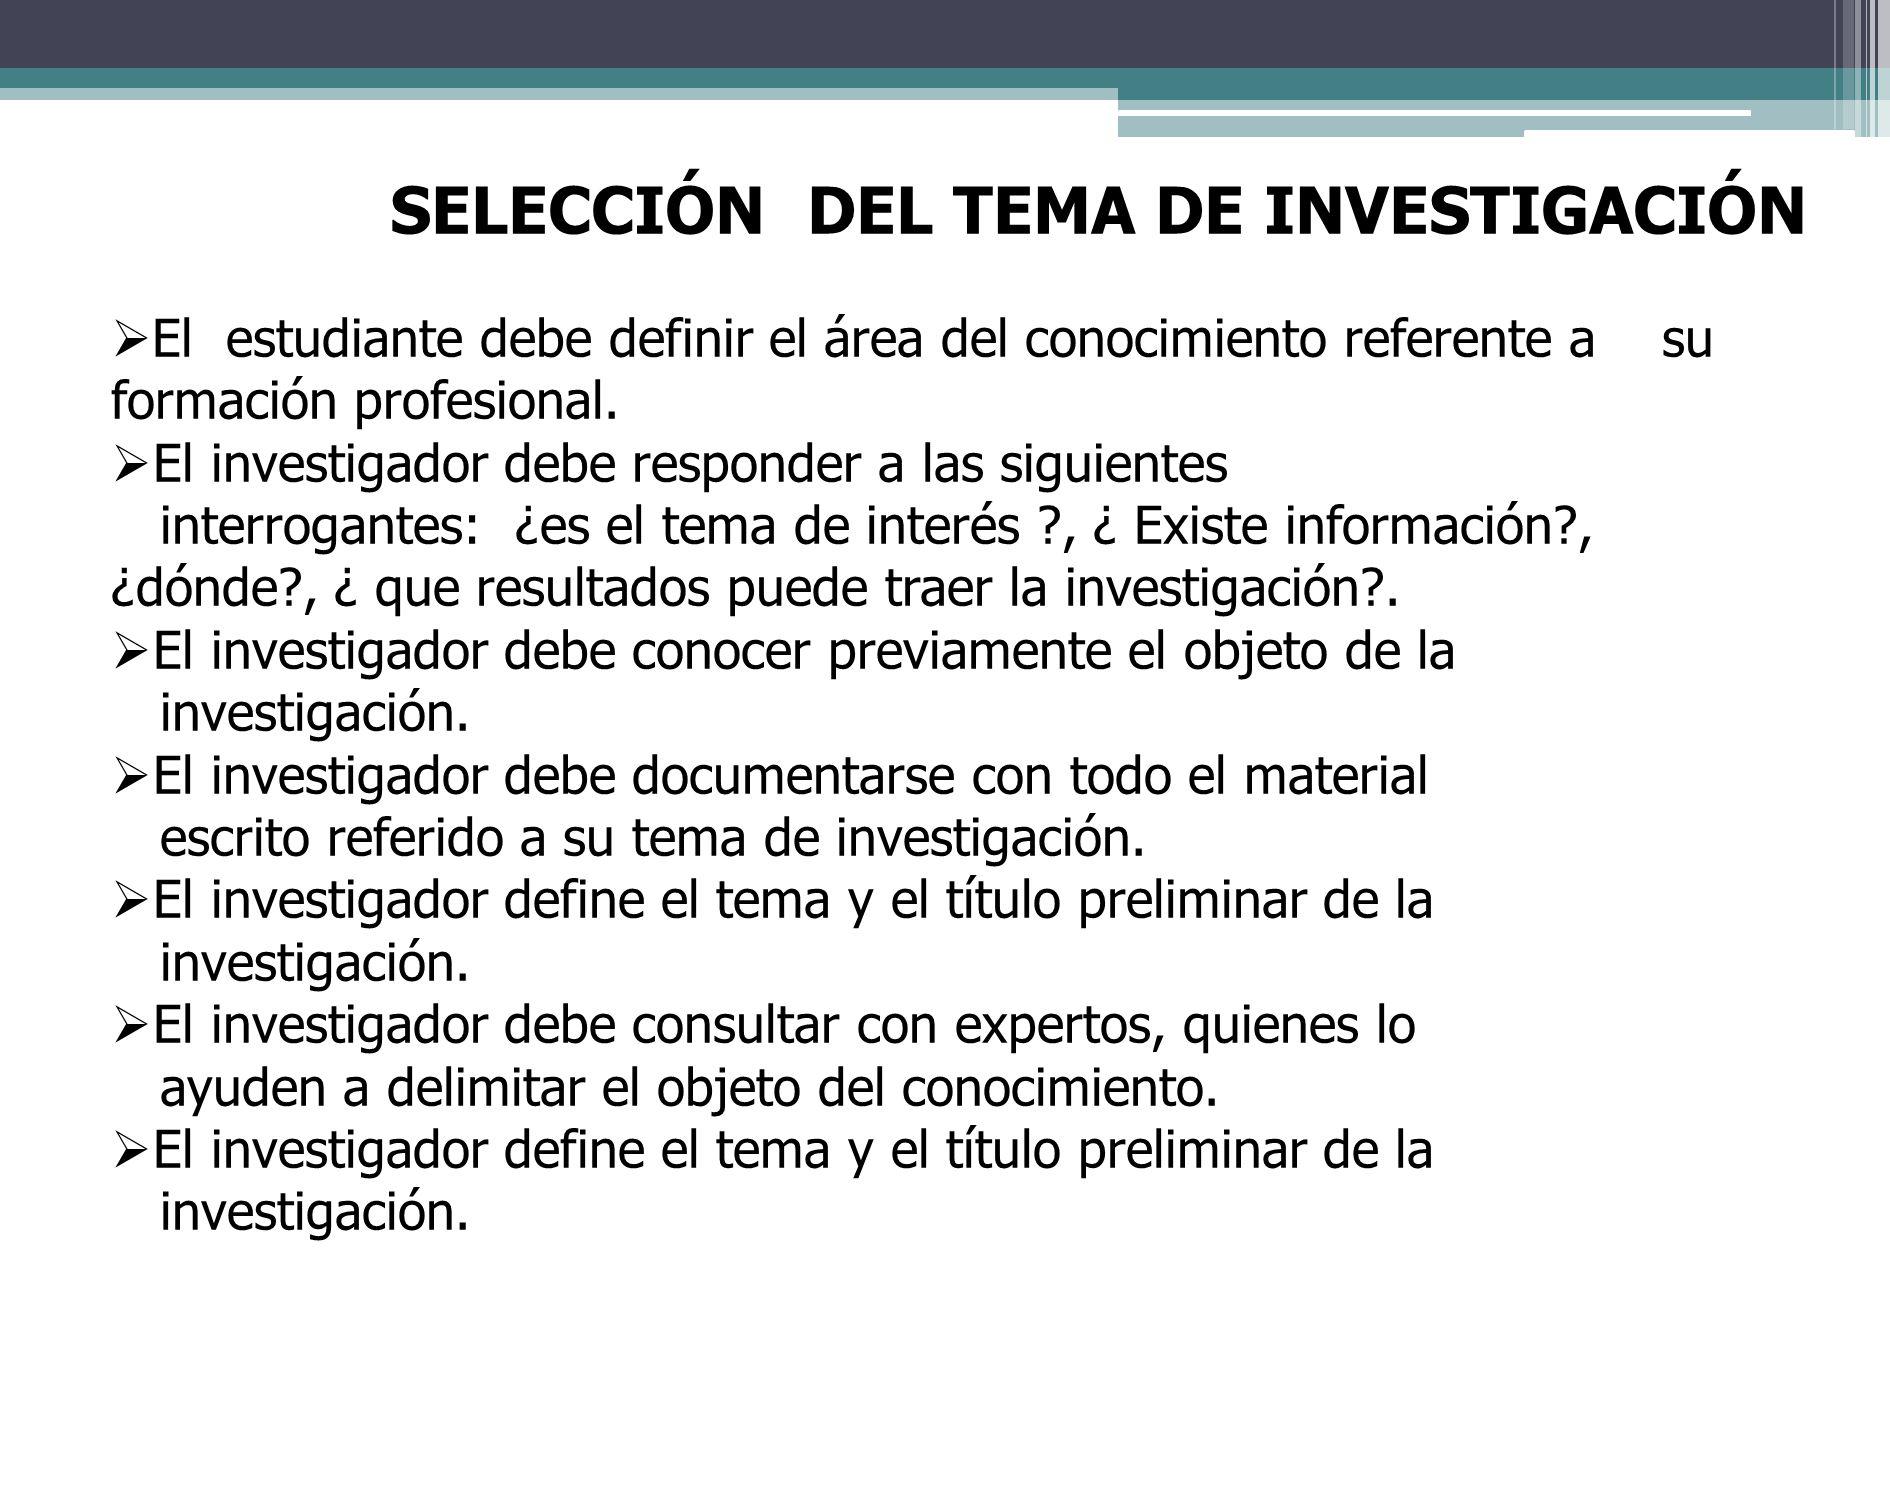 COMO DEFINIR LAS TECNICAS PARA LA RECOLECCION DE INFORMACION La información es la materia prima de su investigación; debe tener mucho cuidado en definir cómo va a proceder para obtener la información necesaria y correcta.